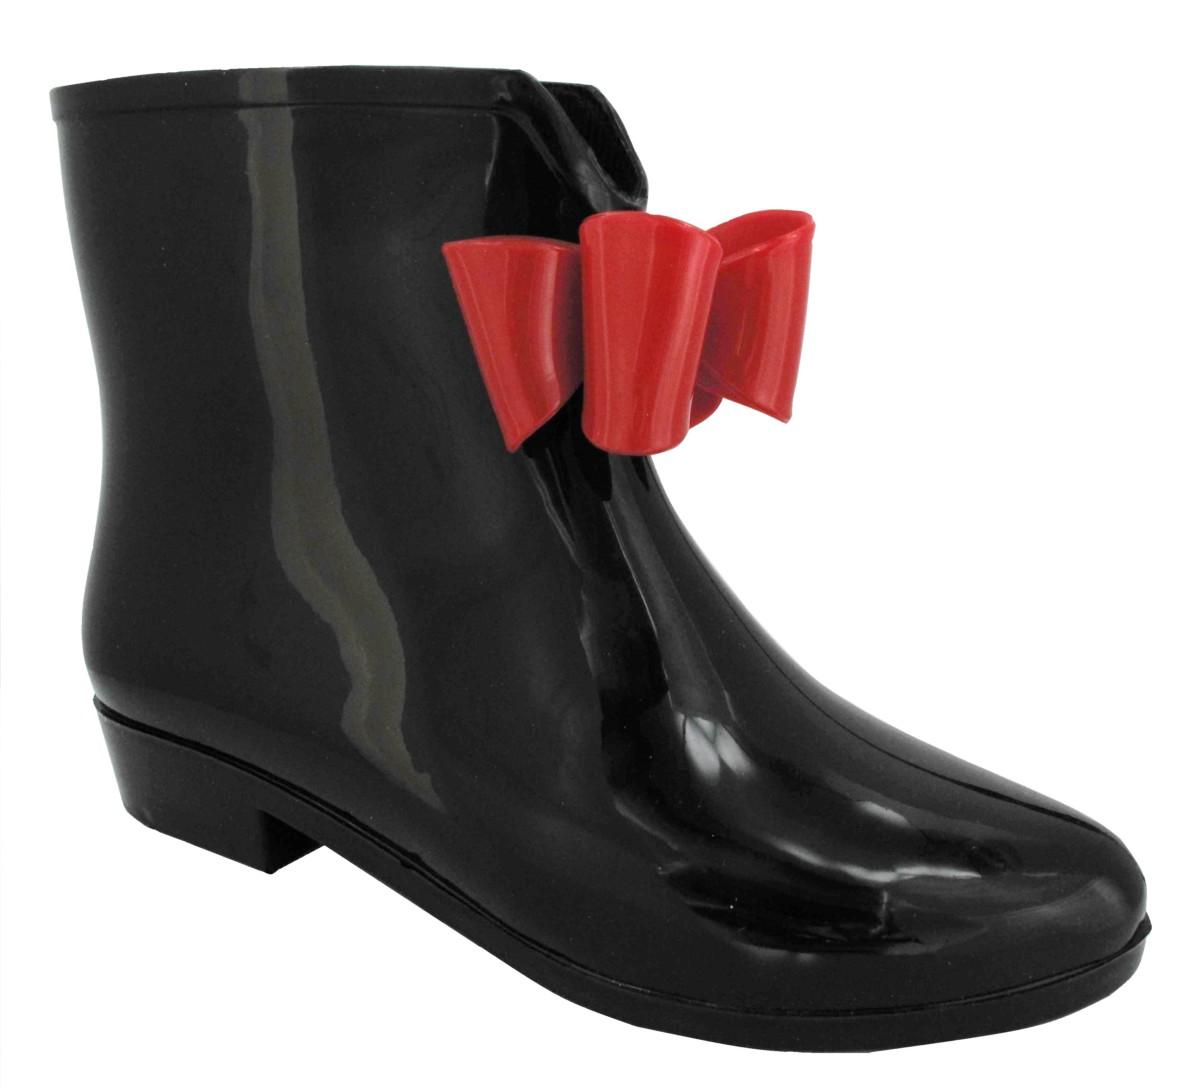 New femme court bottes de pluie mode cheville wellington neige botte